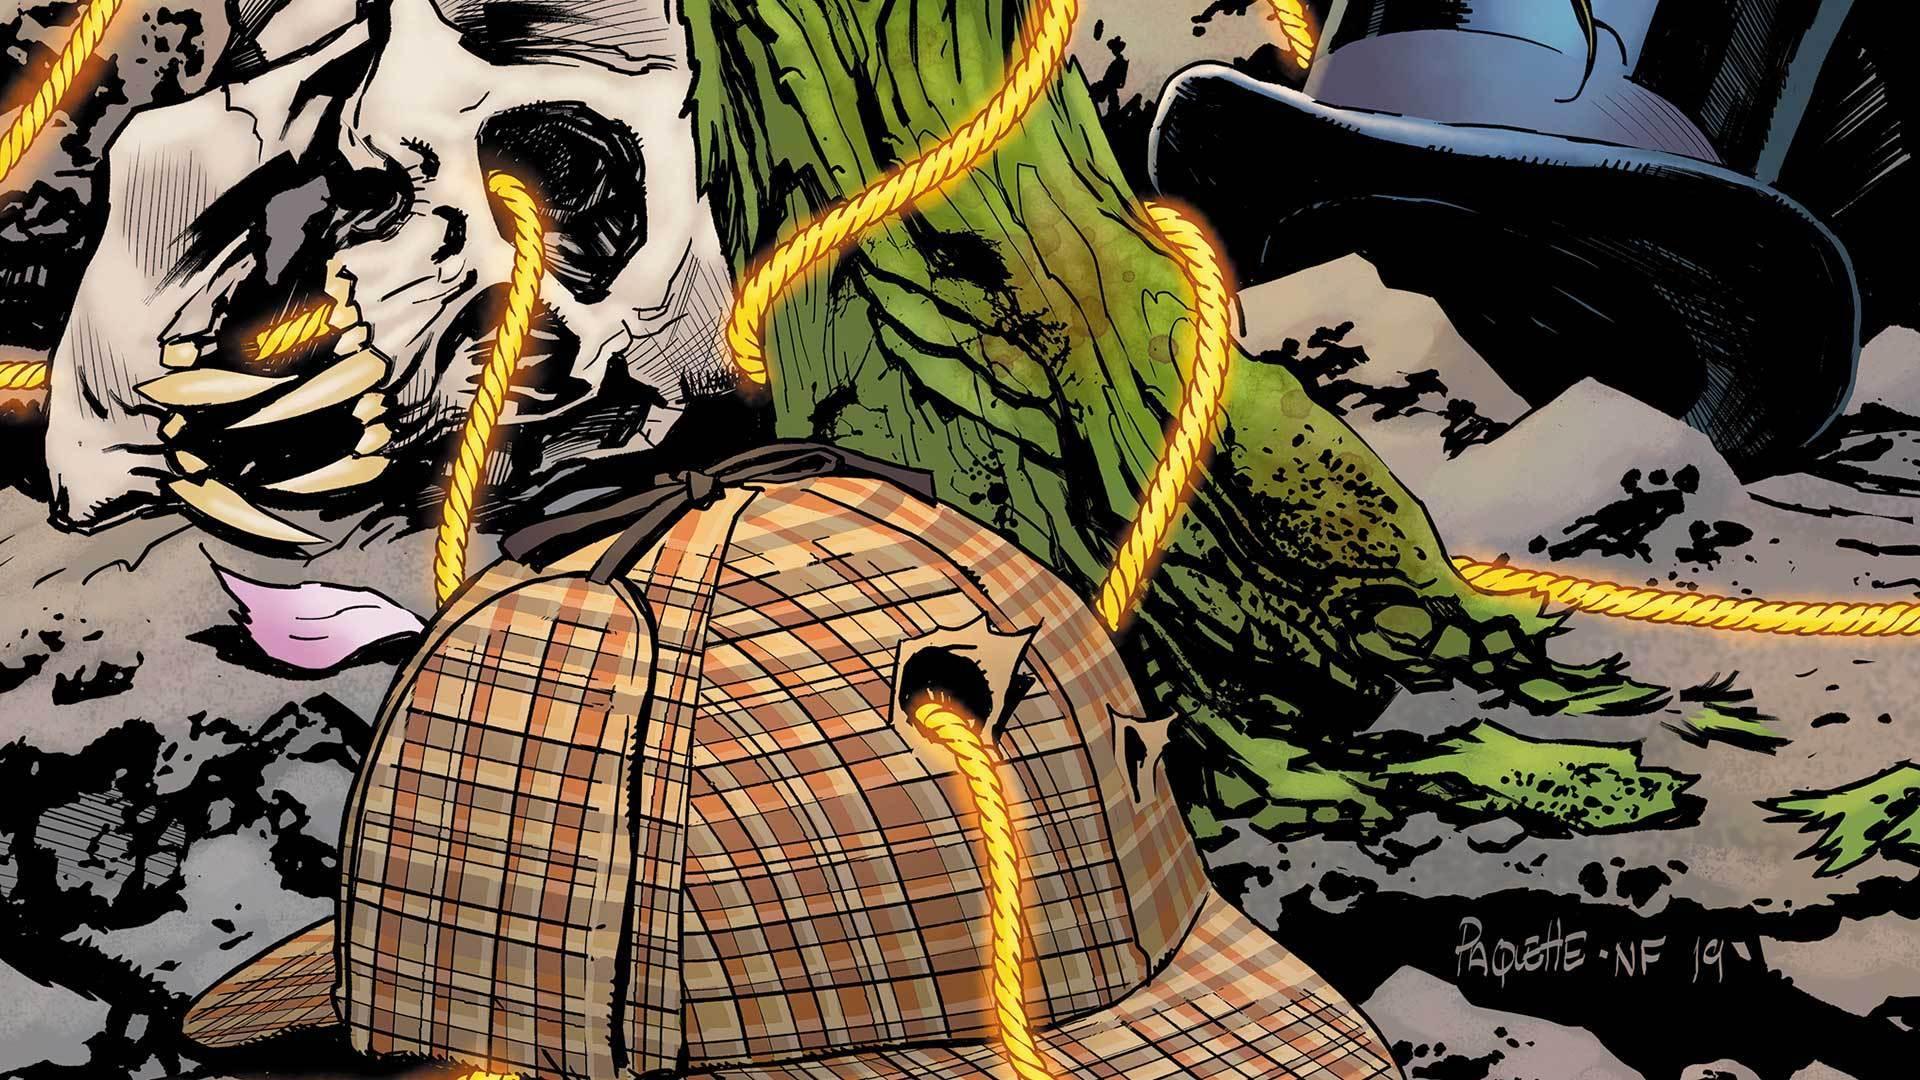 جیجی آبرامز جهان سینمایی Justice League Dark را توسعه میدهد